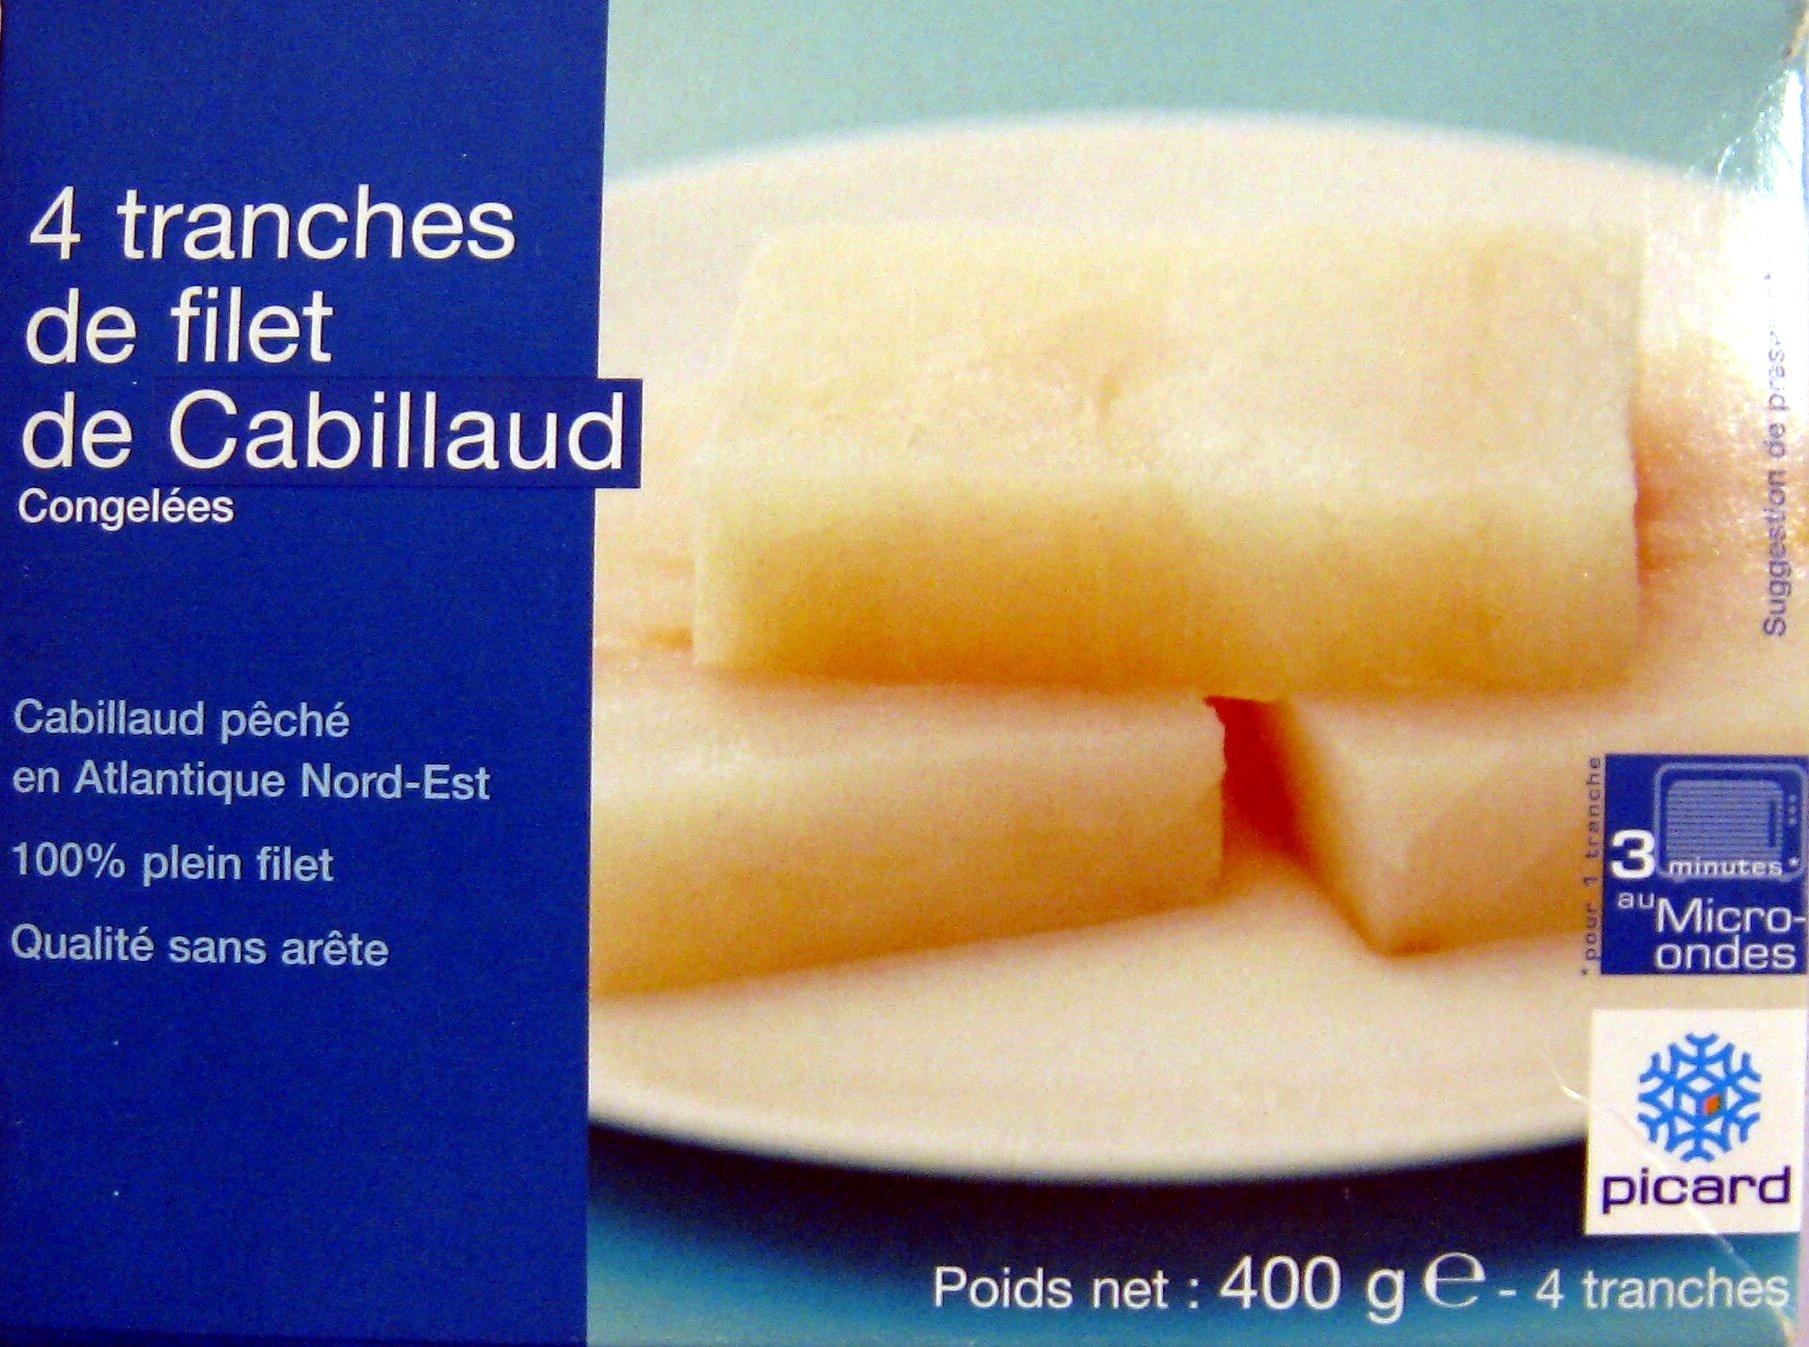 4 Tranches de filet de Cabillaud - Produit